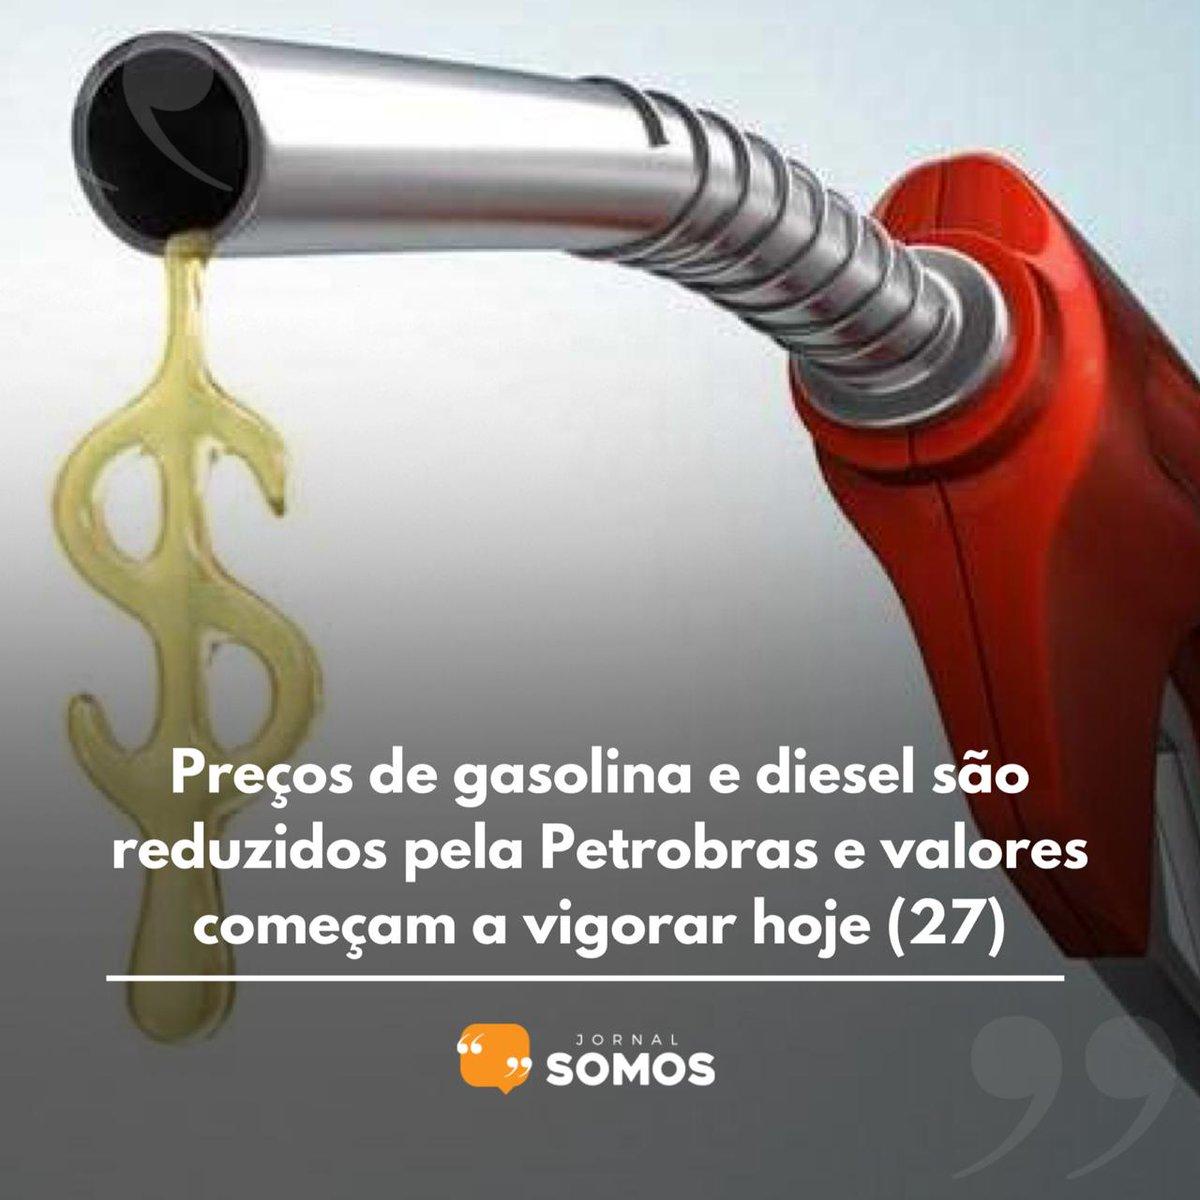 Preços de gasolina e diesel são reduzidos pela Petrobras e valores começam a vigorar hoje (27)  https://t.co/PeeEtieLxC  #combustivel #petrobrasfica #gasolina #diesel #etanol #alcool #reajuste #preço #dinheiro #Economia https://t.co/CMPyRh38Pg